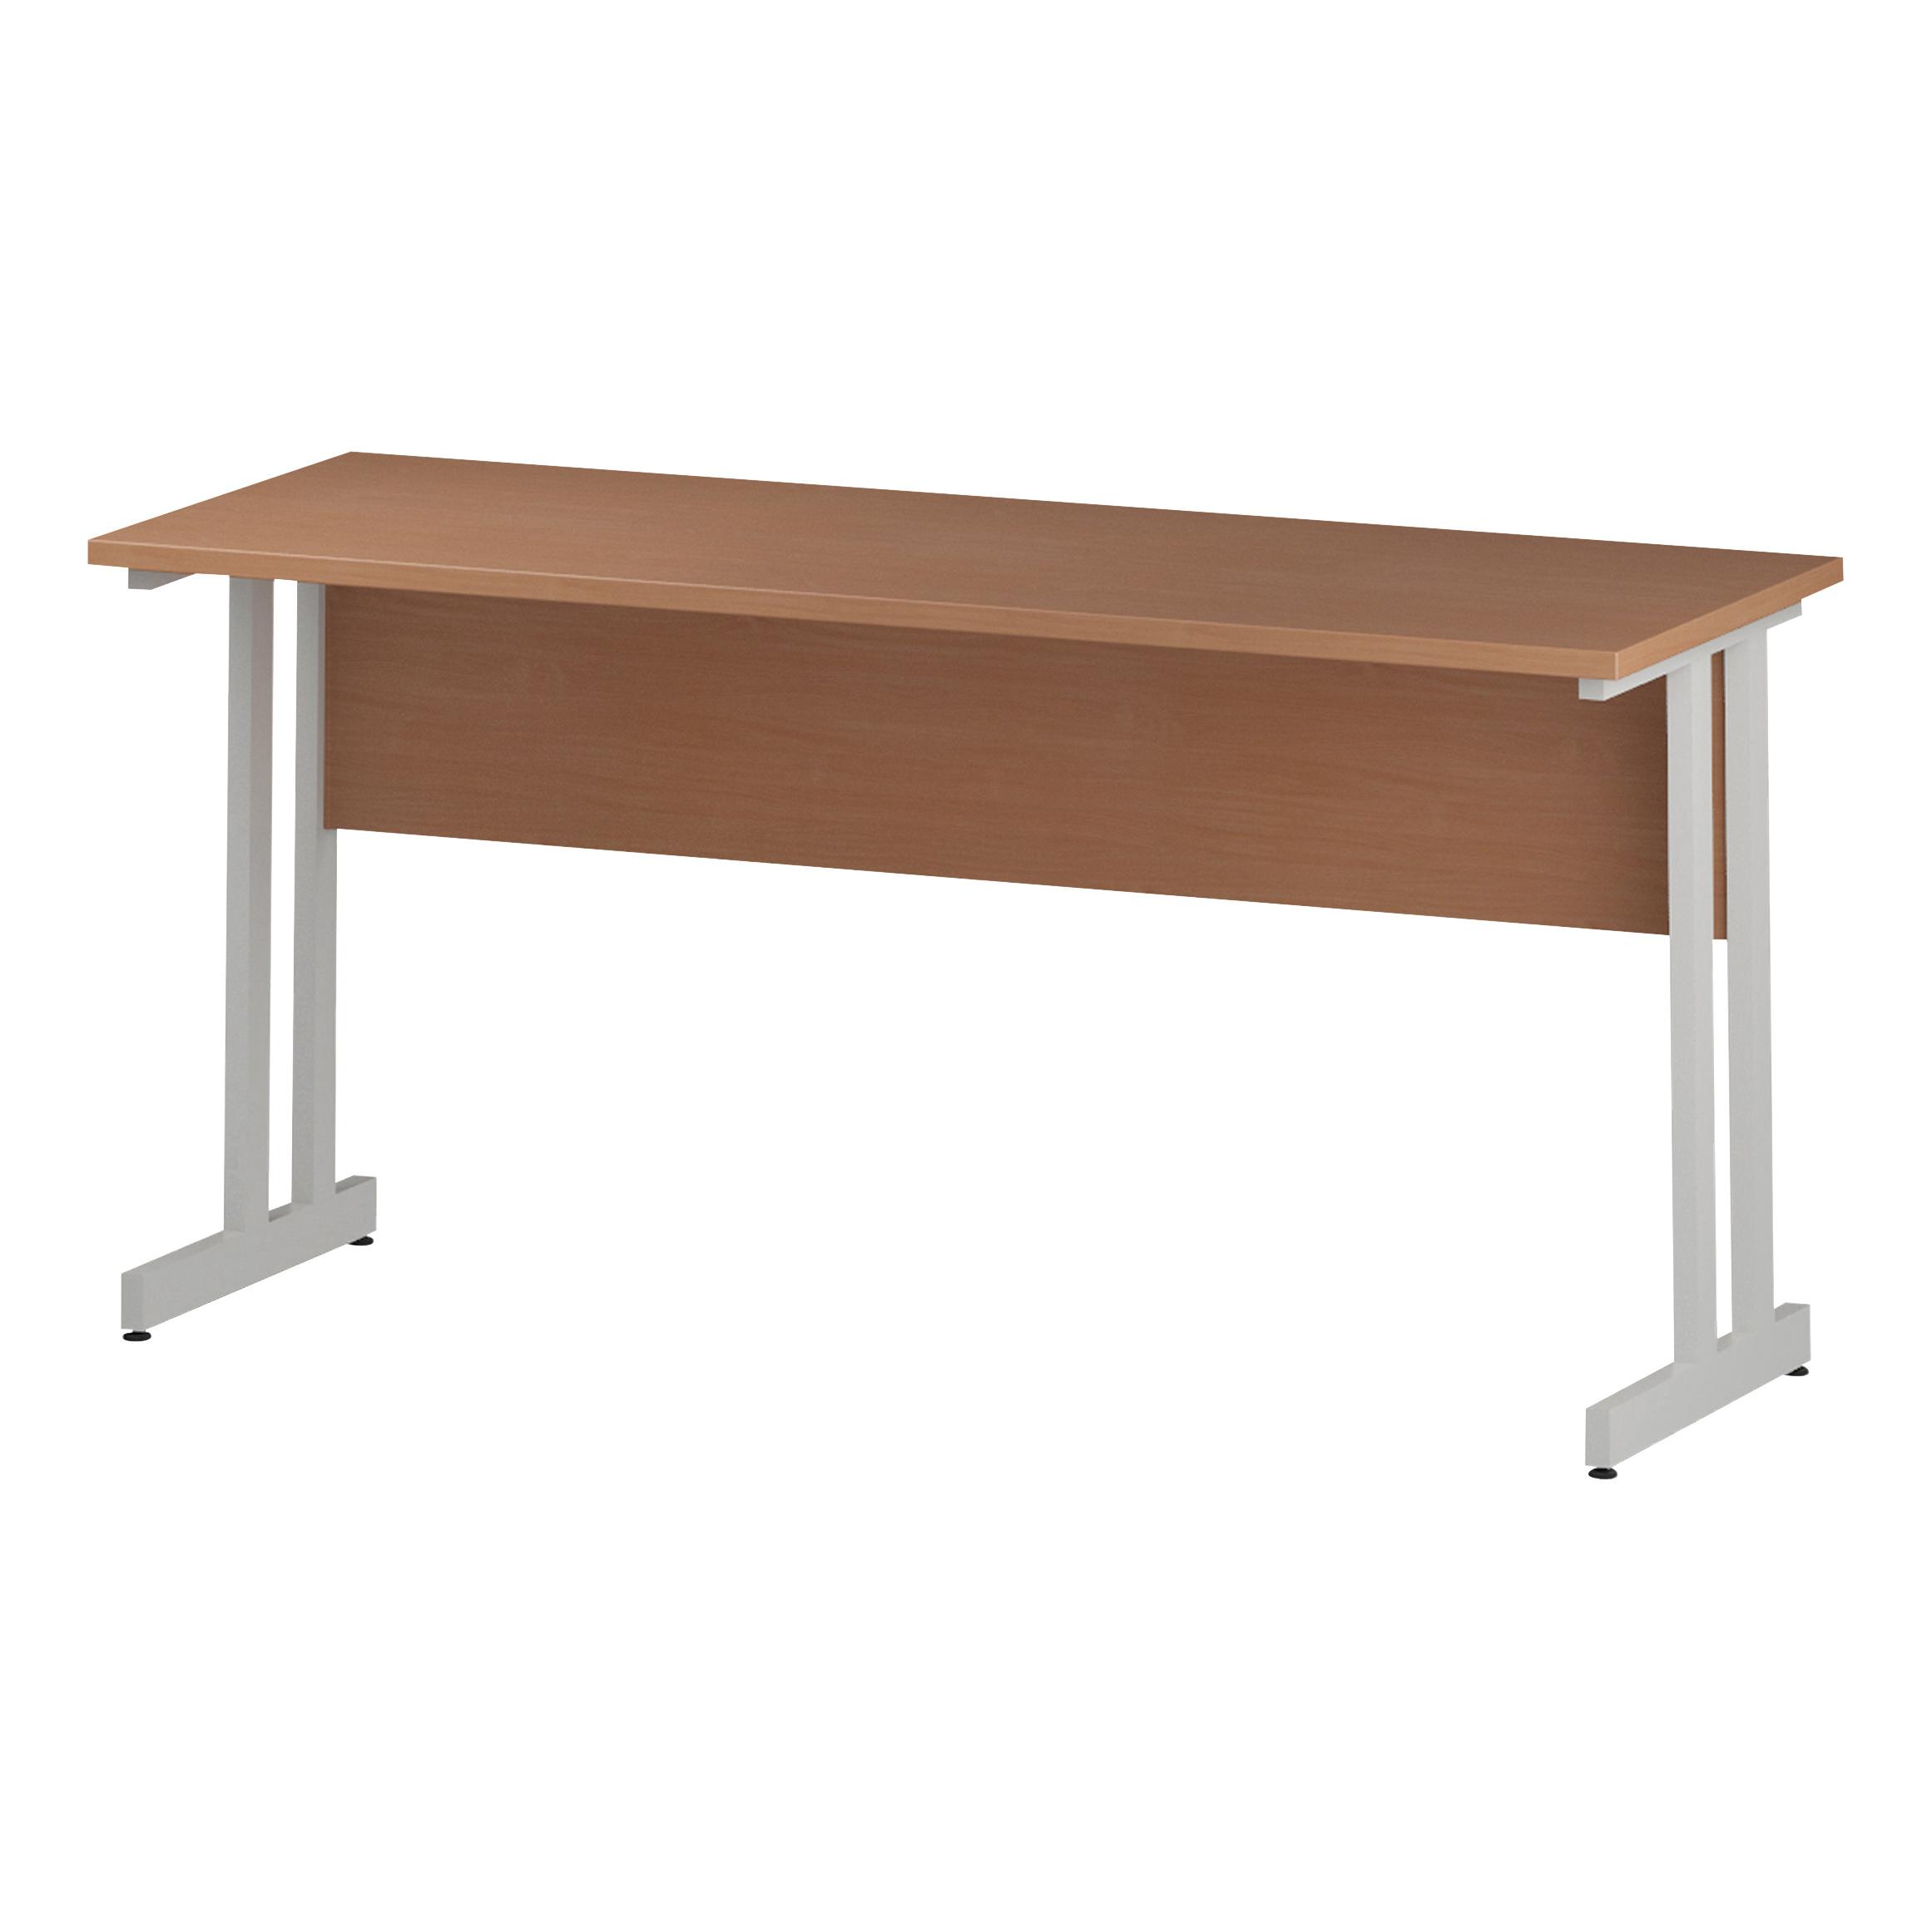 Trexus Rectangular Slim Desk White Cantilever Leg 1600x600mm Beech Ref I001686